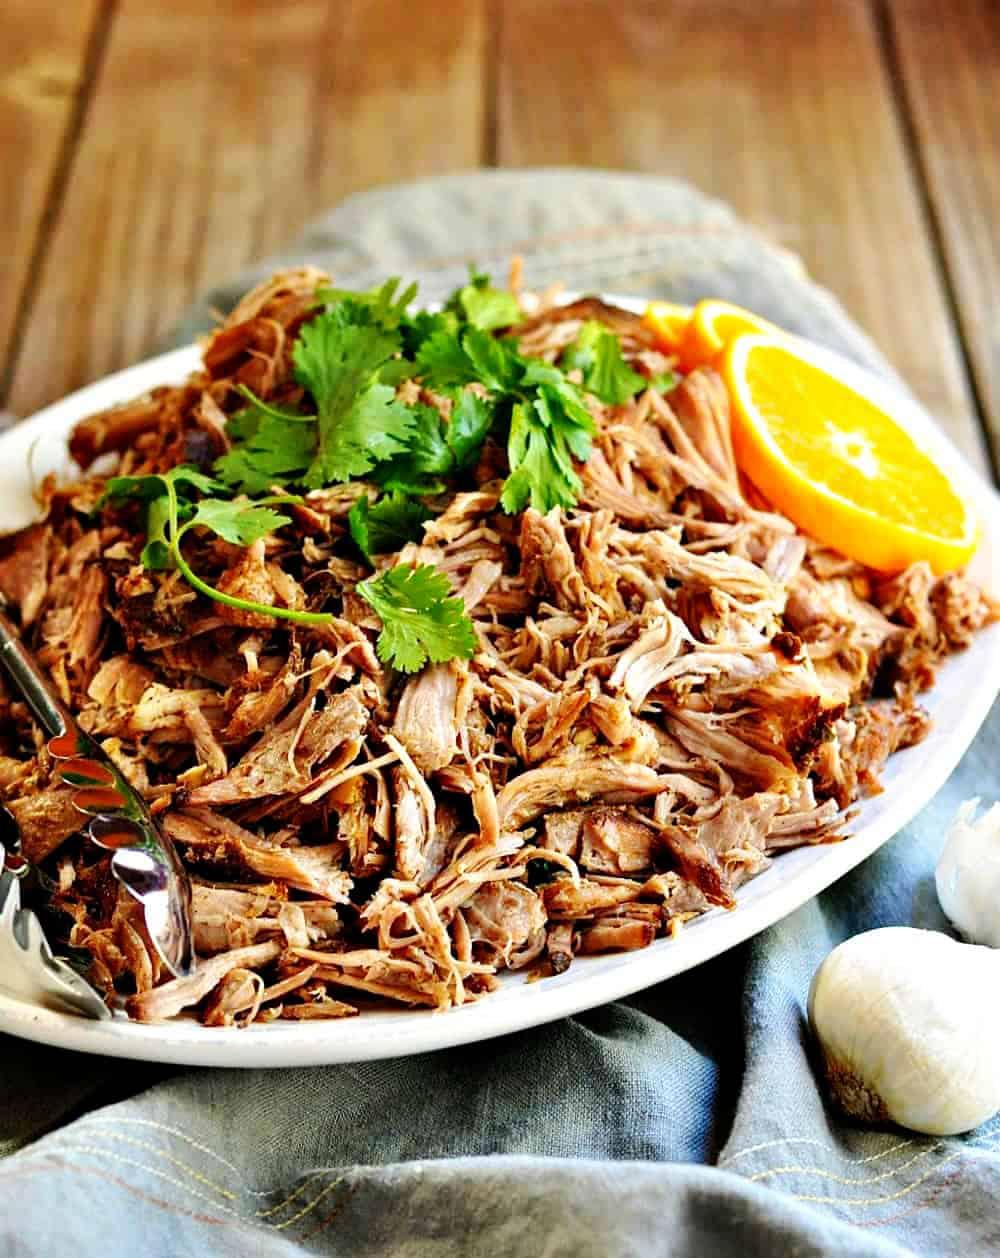 Pork-Carnitas-served-on-a-white-oval-platter.jpg